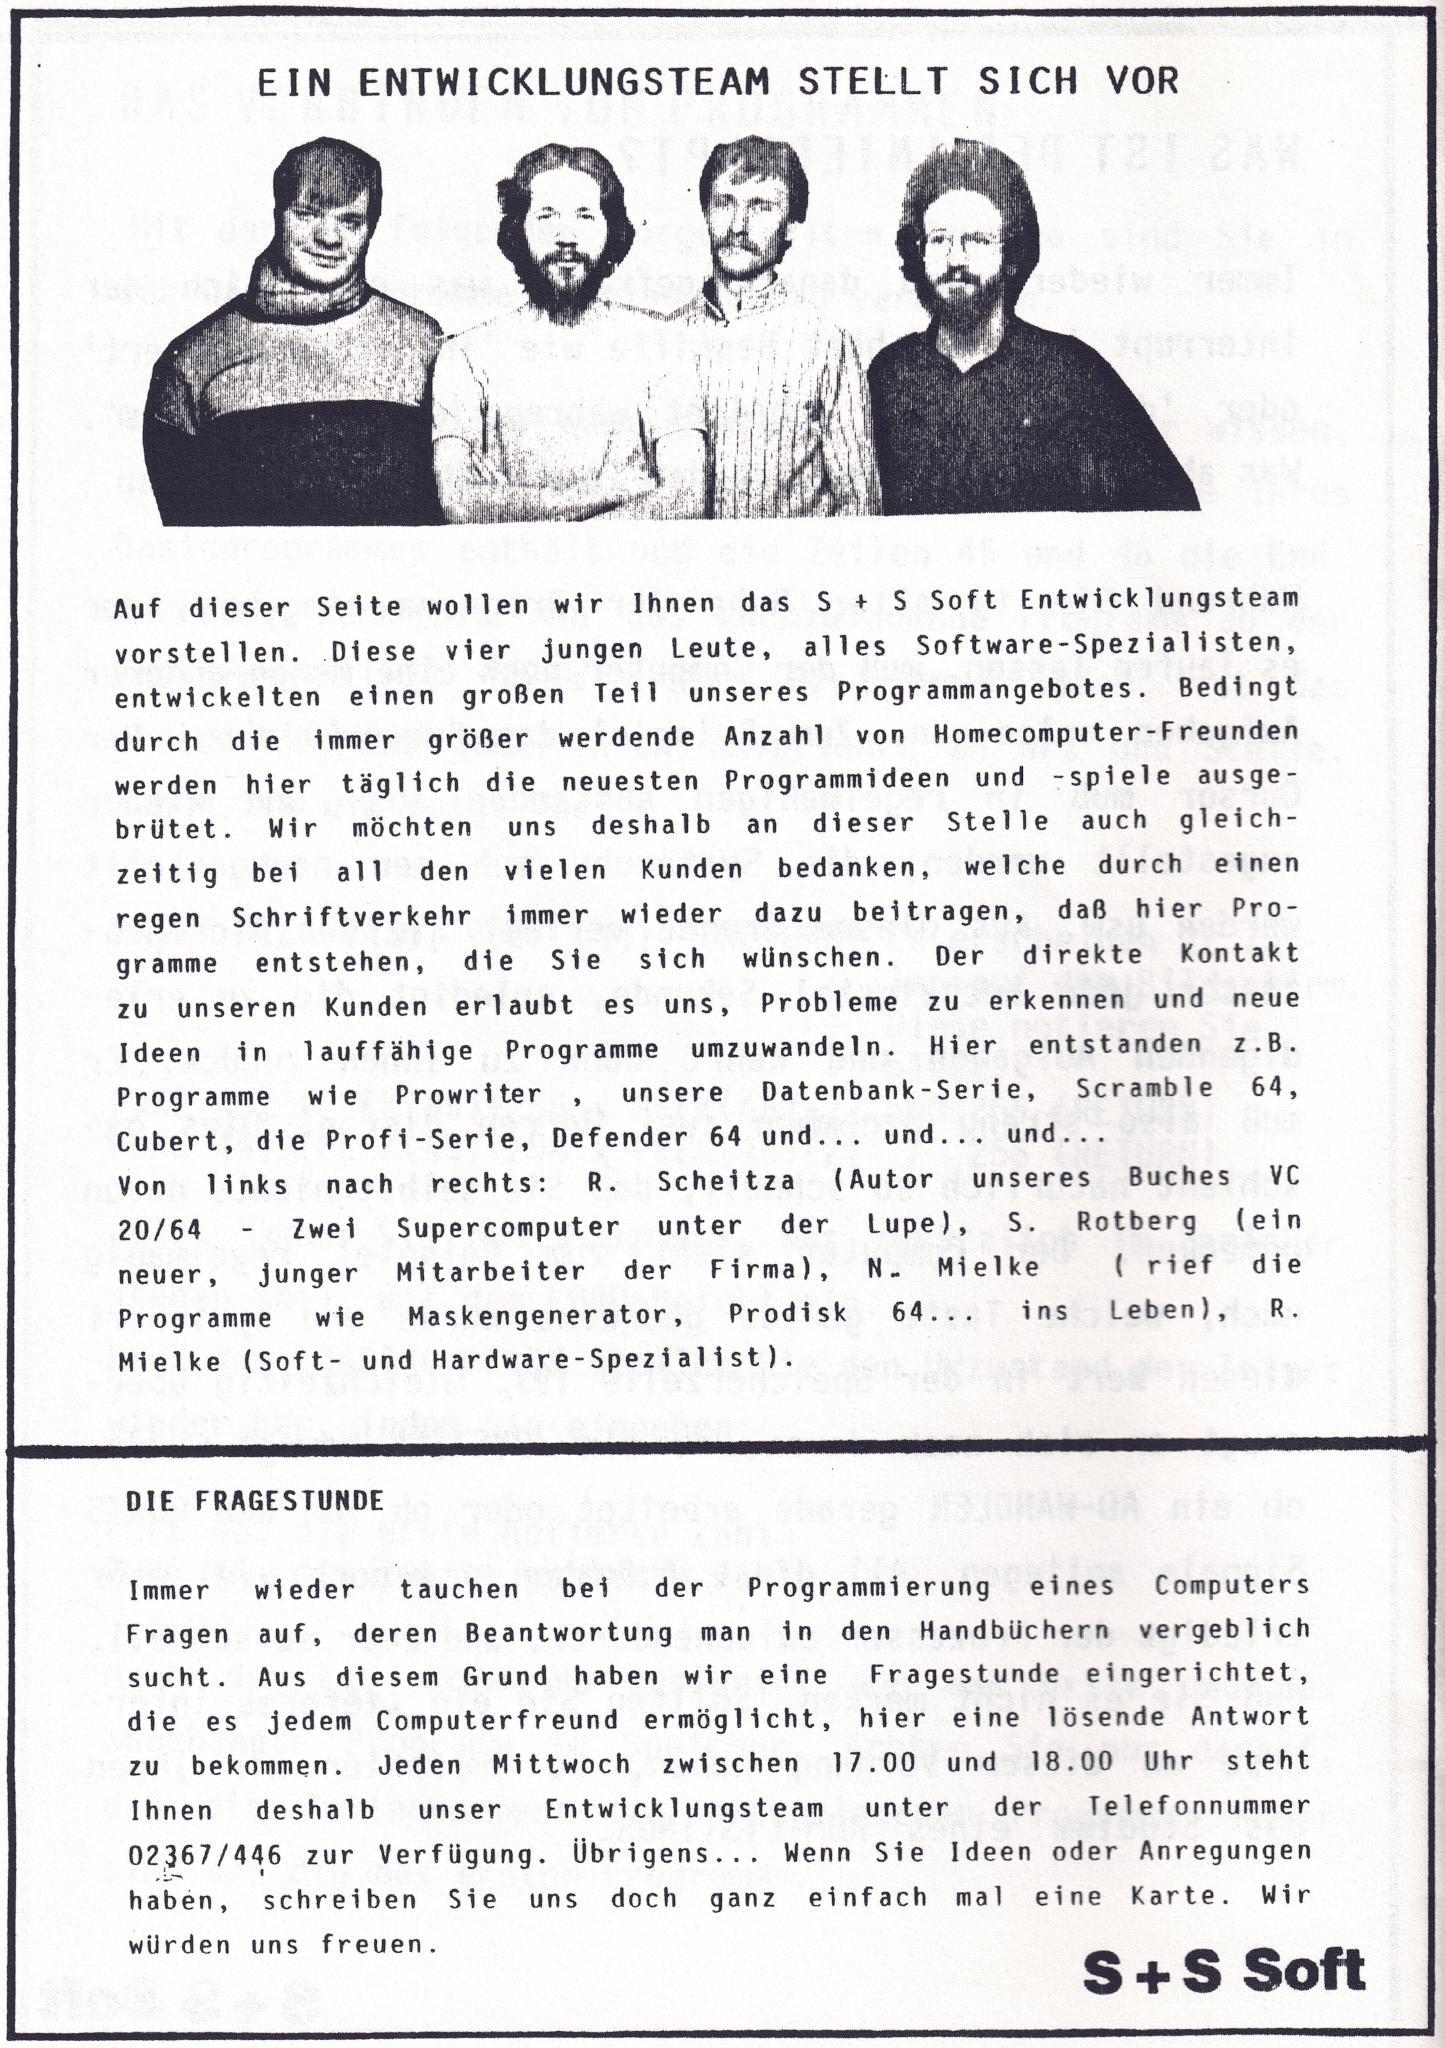 S+S Soft, DIN A5-Katalog. (Bild: André Eymann)